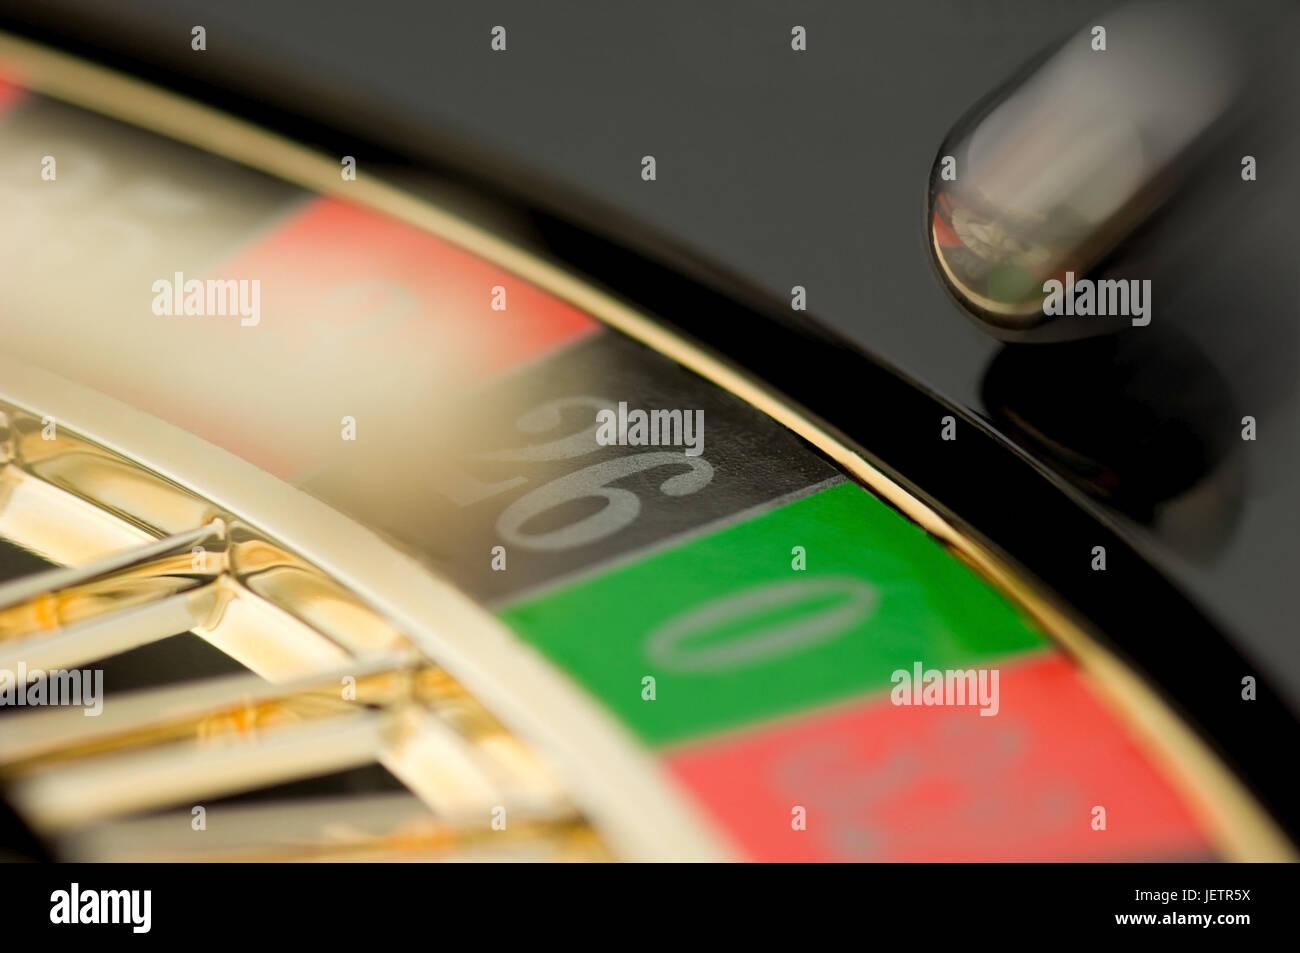 Schrott-Ansicht einer Roulette-Platte, Teilansicht Eines Roulettetellers Stockbild